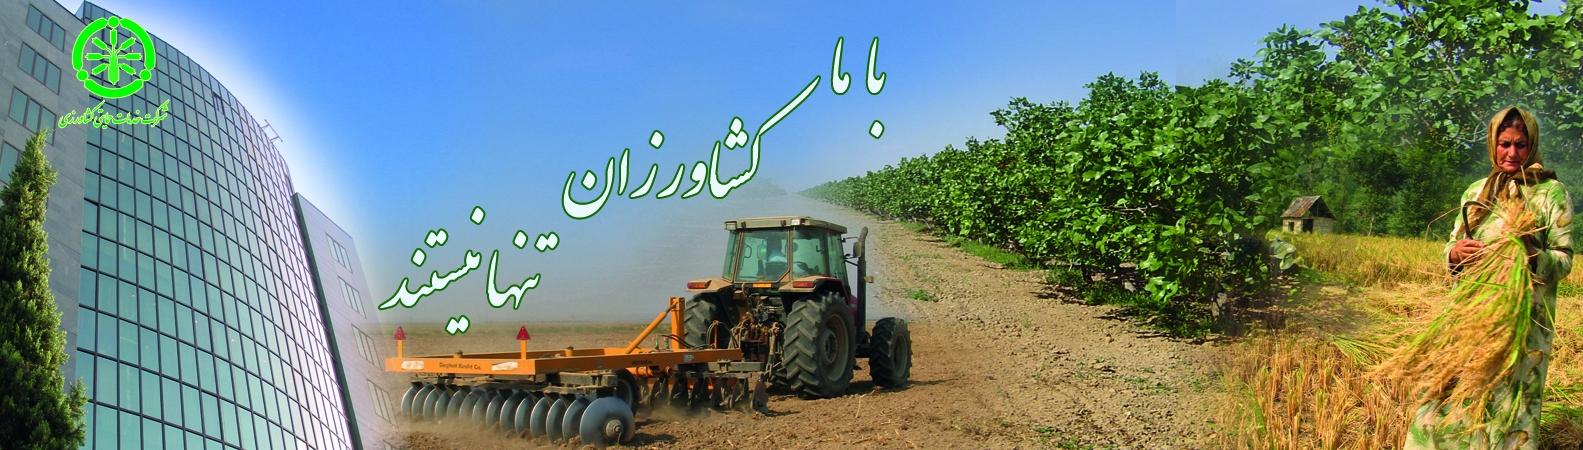 با ما كشاورزان تنها نيستند